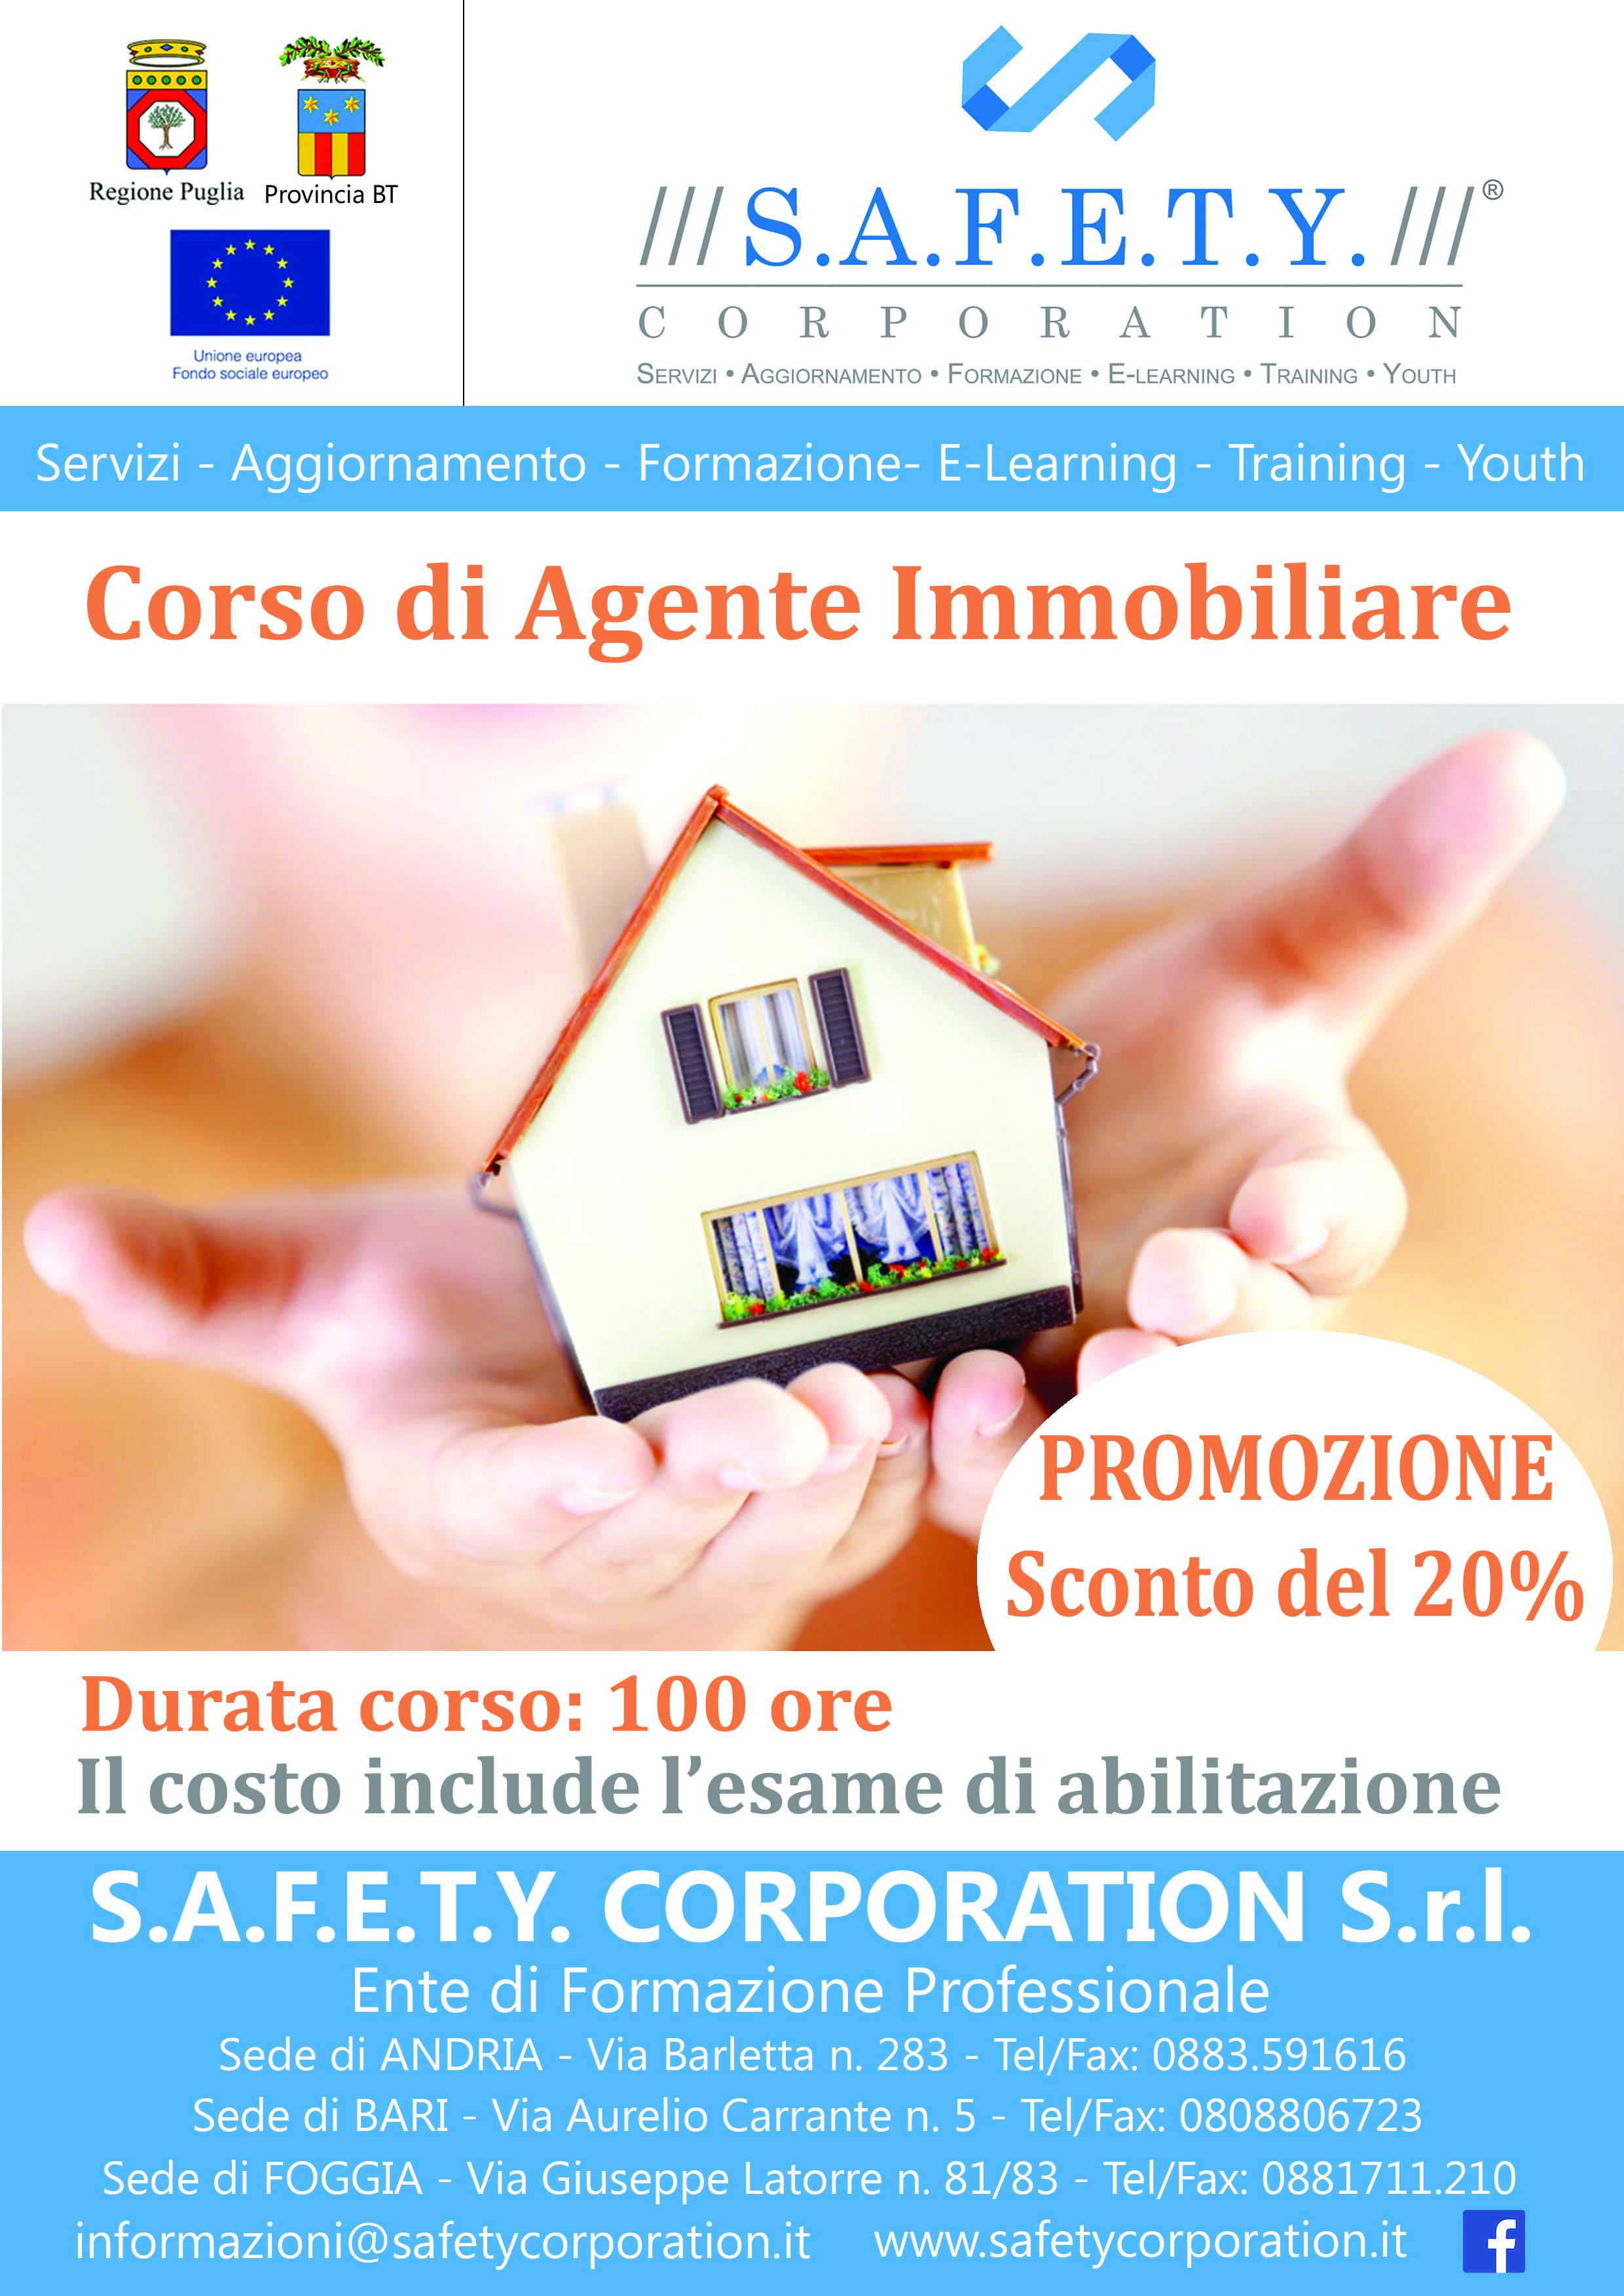 locandina-corso-ag-immobiliare